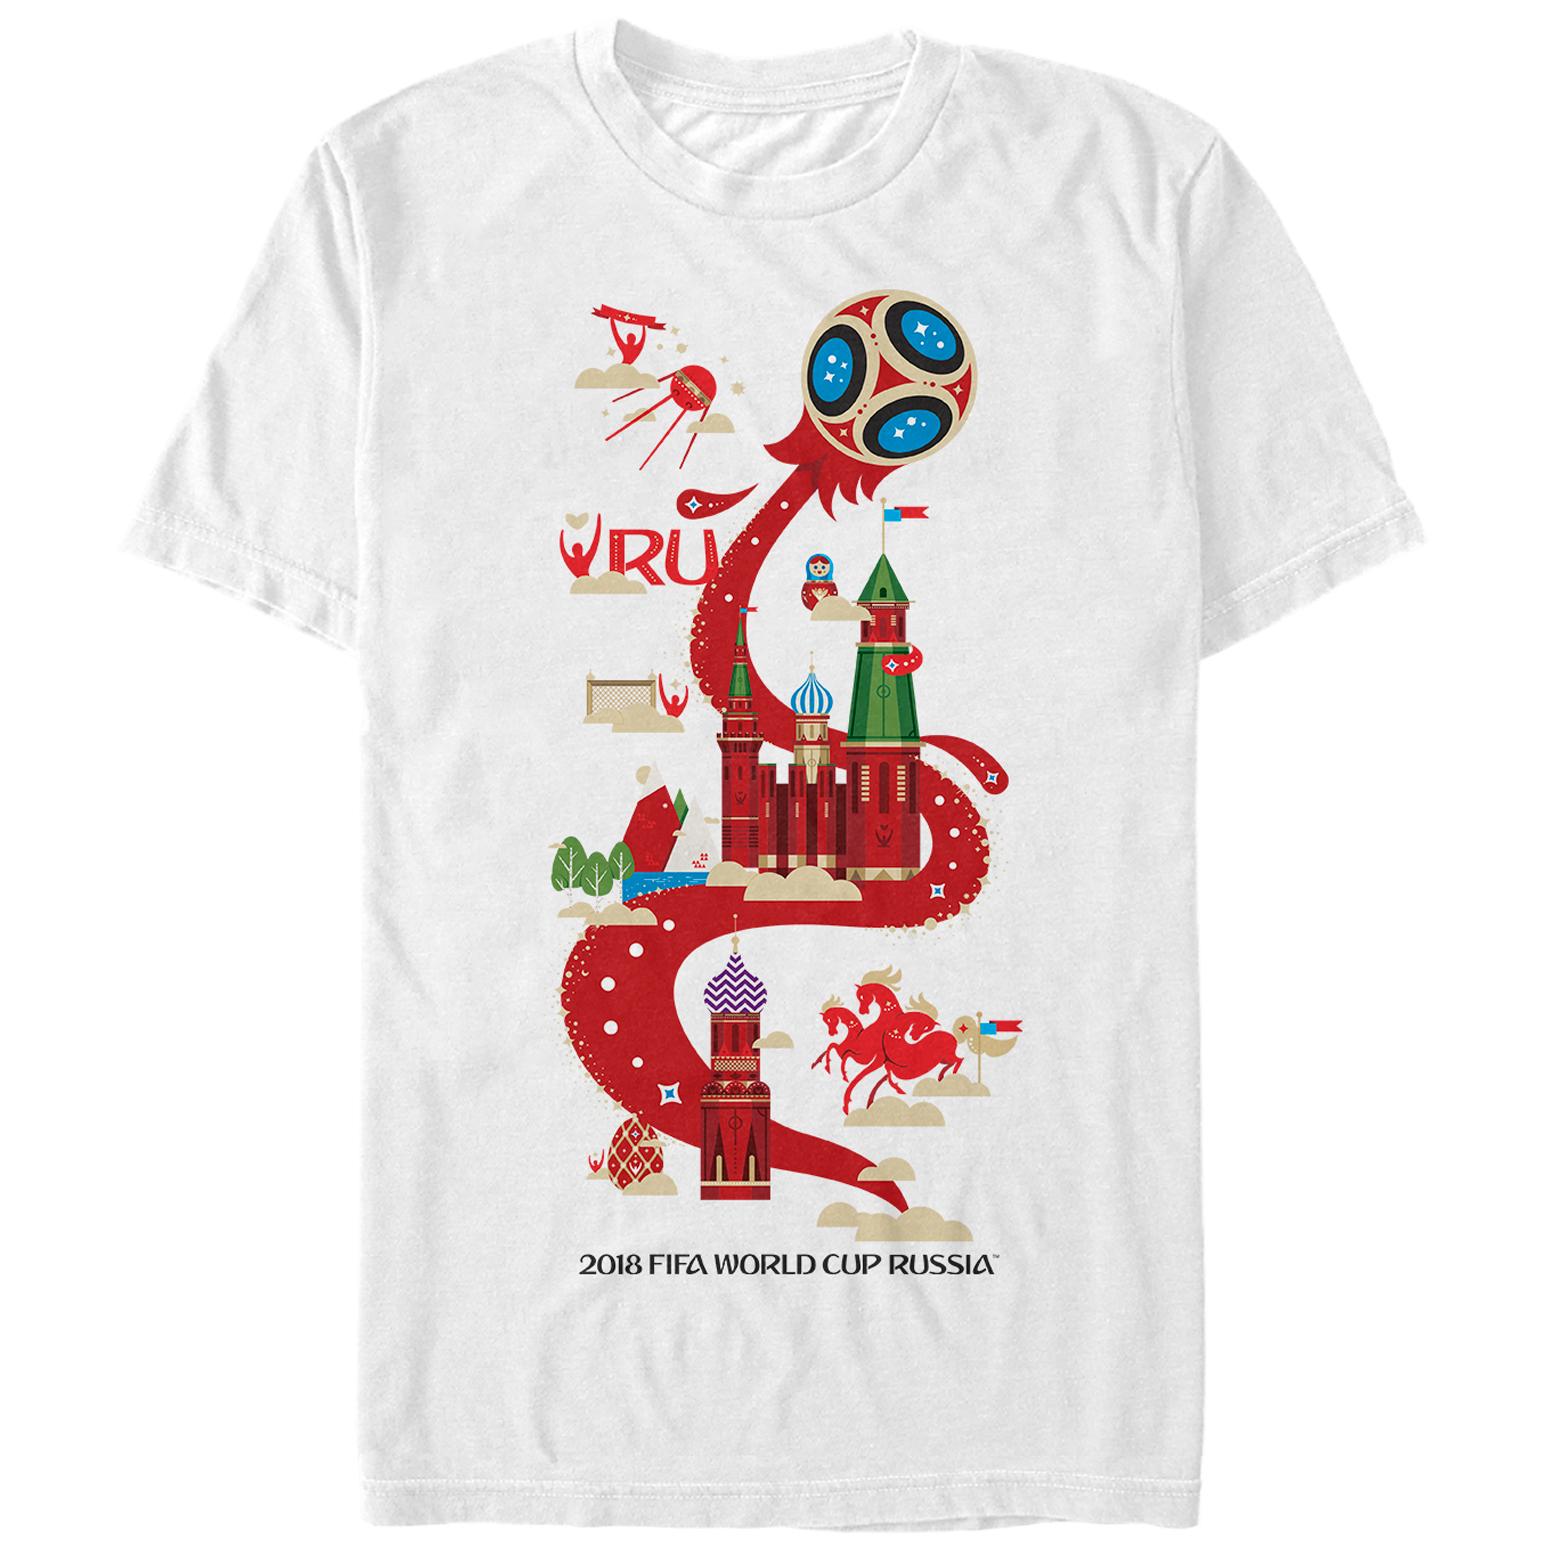 fd356f82c0fadd Fifa World Cup T Shirts